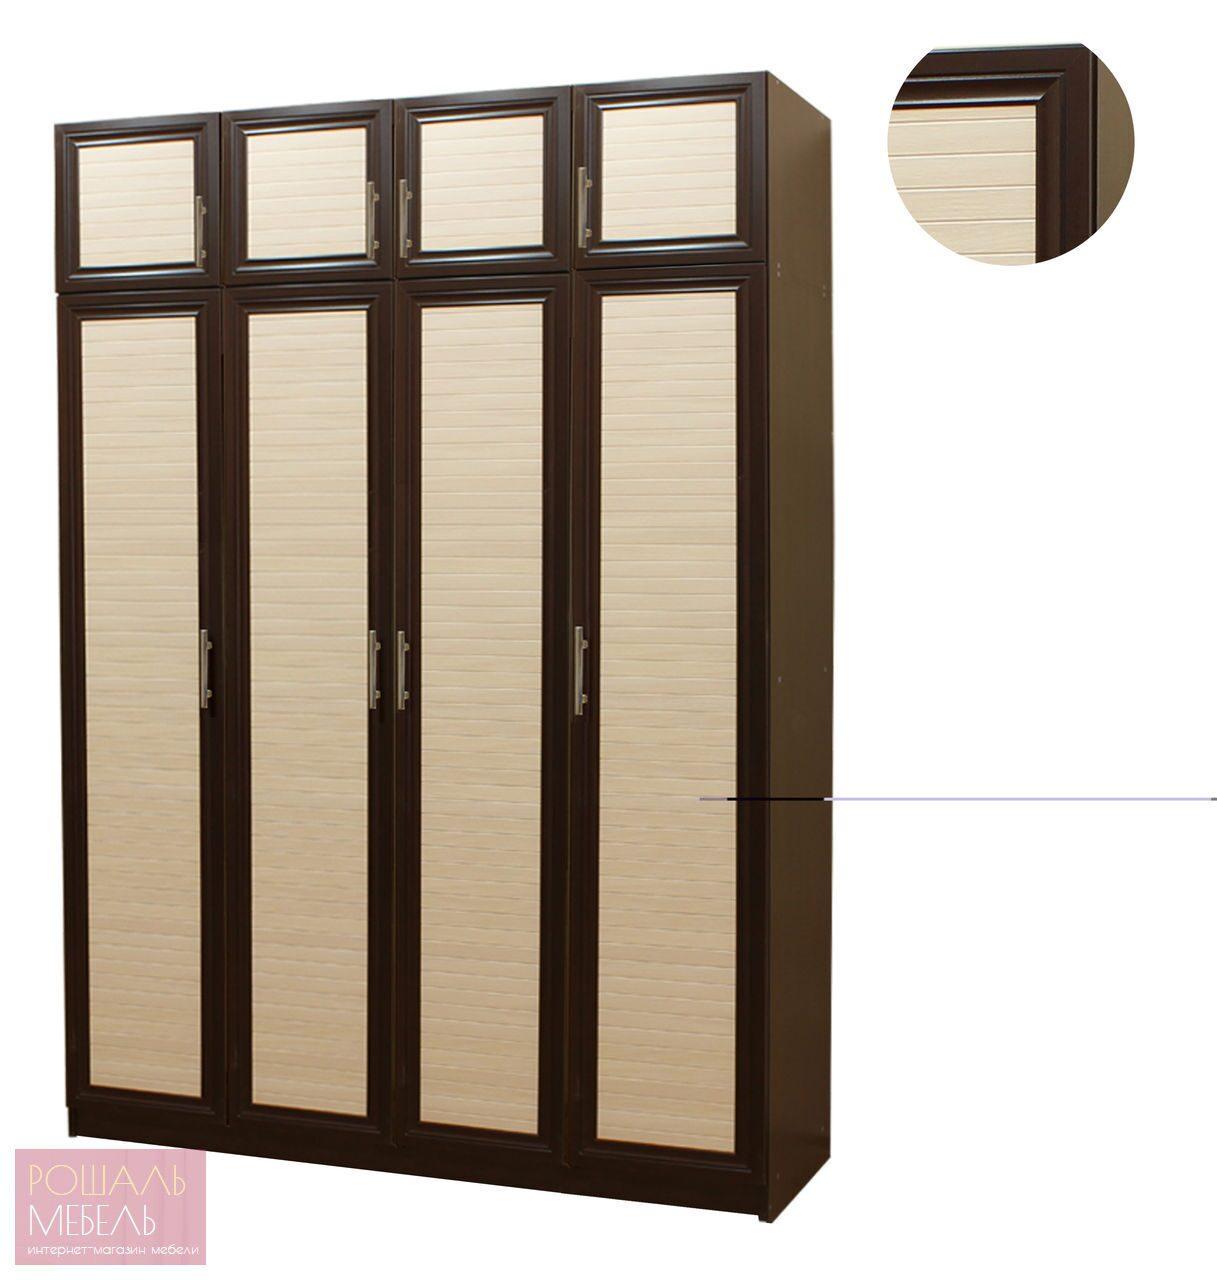 Эконом 8 шкаф распашной за 14400 руб. - mercurymeb.ru.